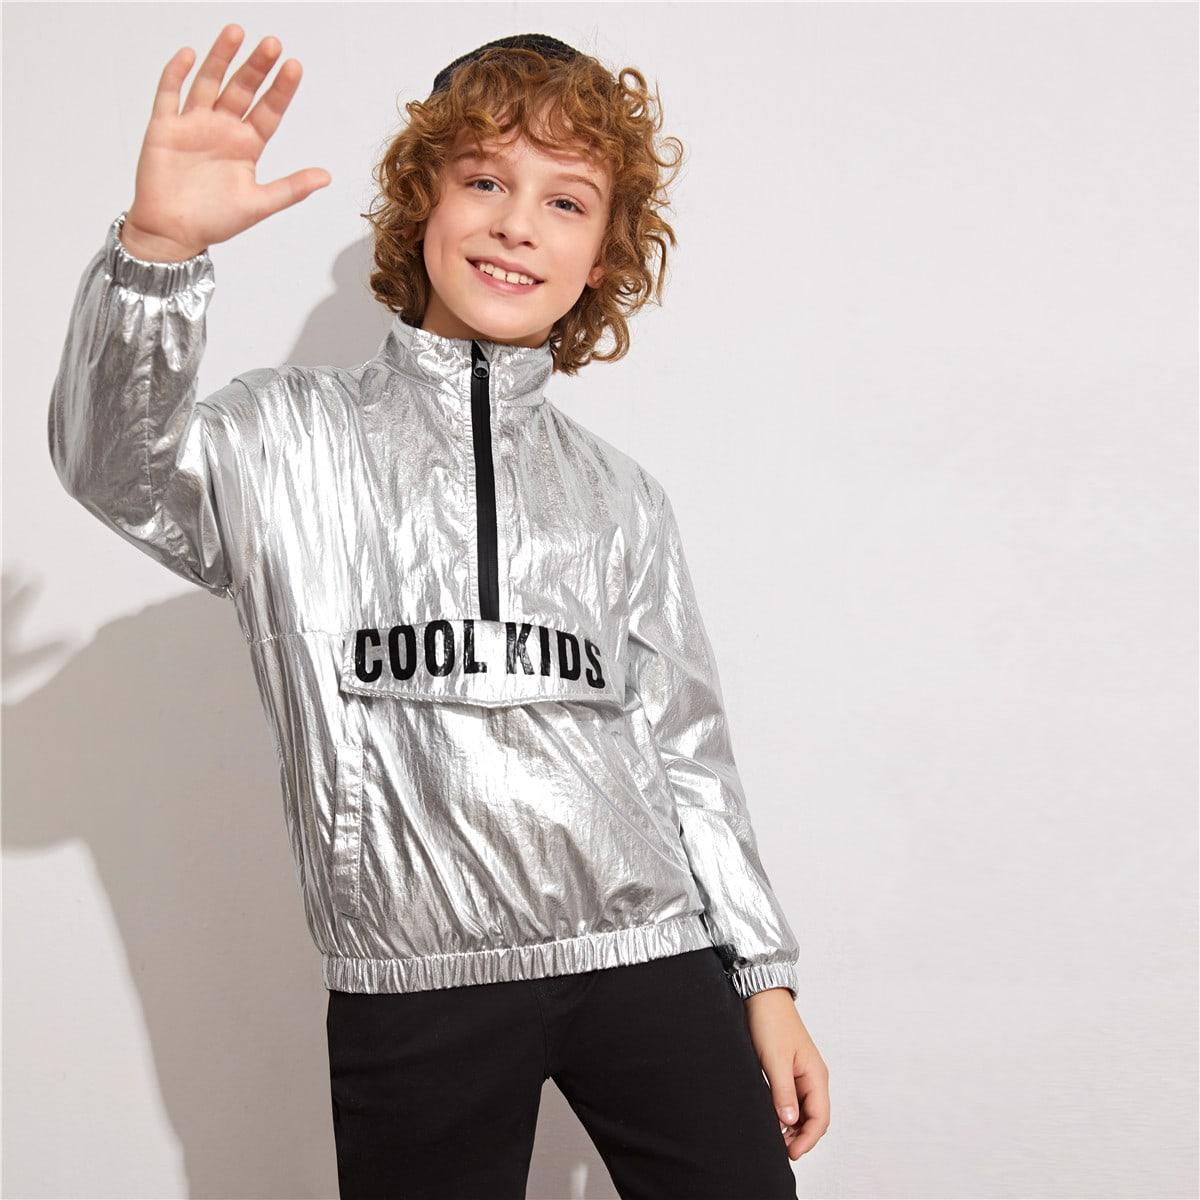 Куртка металлического цвета с текстовым принтом для мальчиков от SHEIN